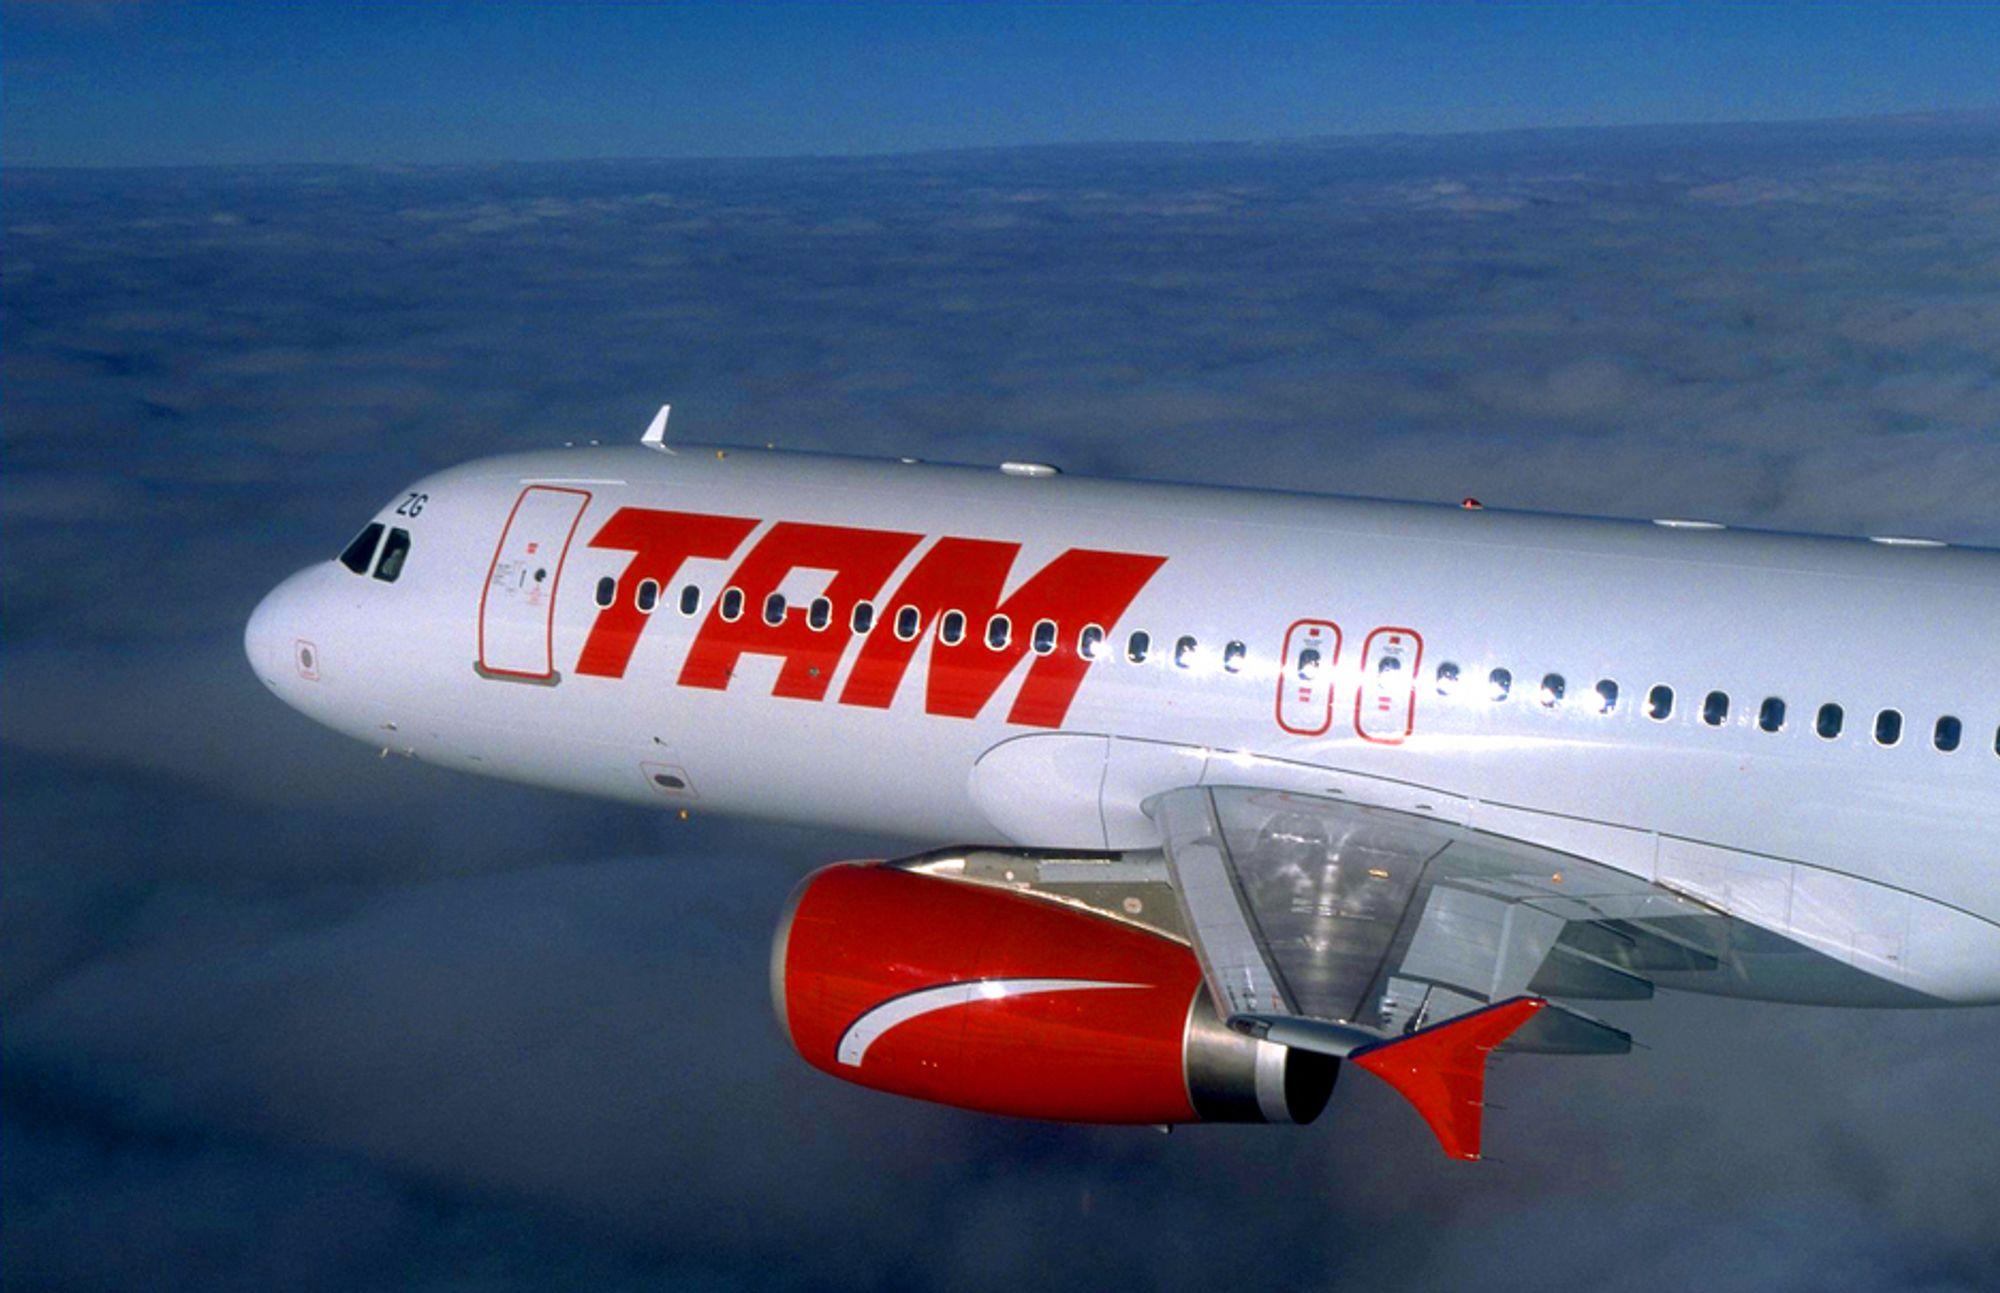 TAM har 61 Airbus A320 i operativ drift. Det var et slikt fly som krasjet og tok fyr på flyplassen i Sao Paulo, Brasil, klokken 23:50 (norsk tid) tirsdag 17.juli.